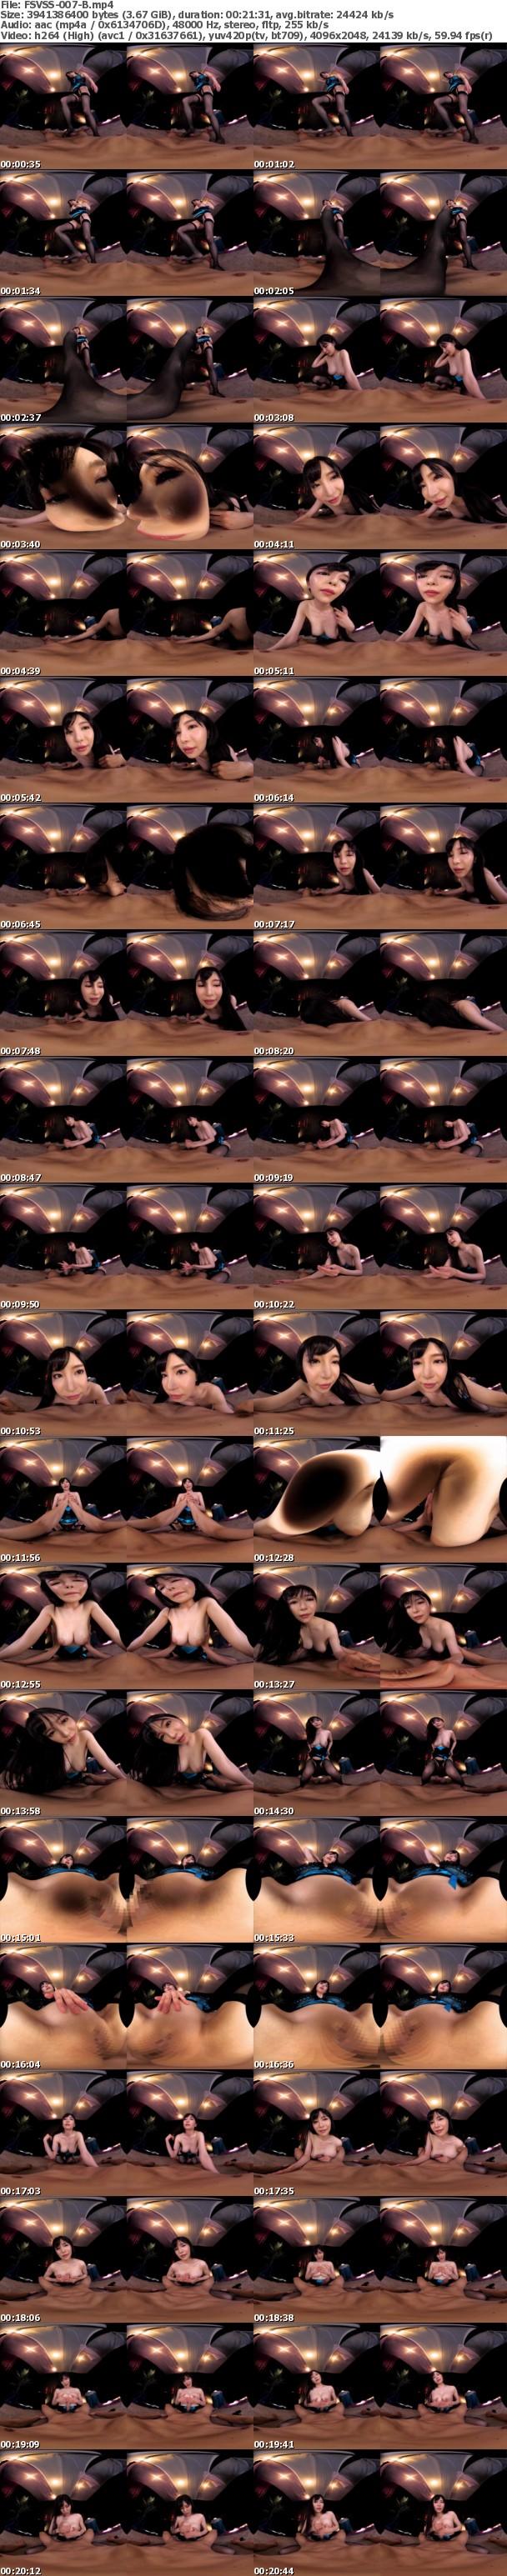 (VR) FSVSS-007 魅惑のドスケベ巨乳お姉さんに焦らしに焦らされるベロチュー淫語責めM性感プレイ7射精 小野夕子